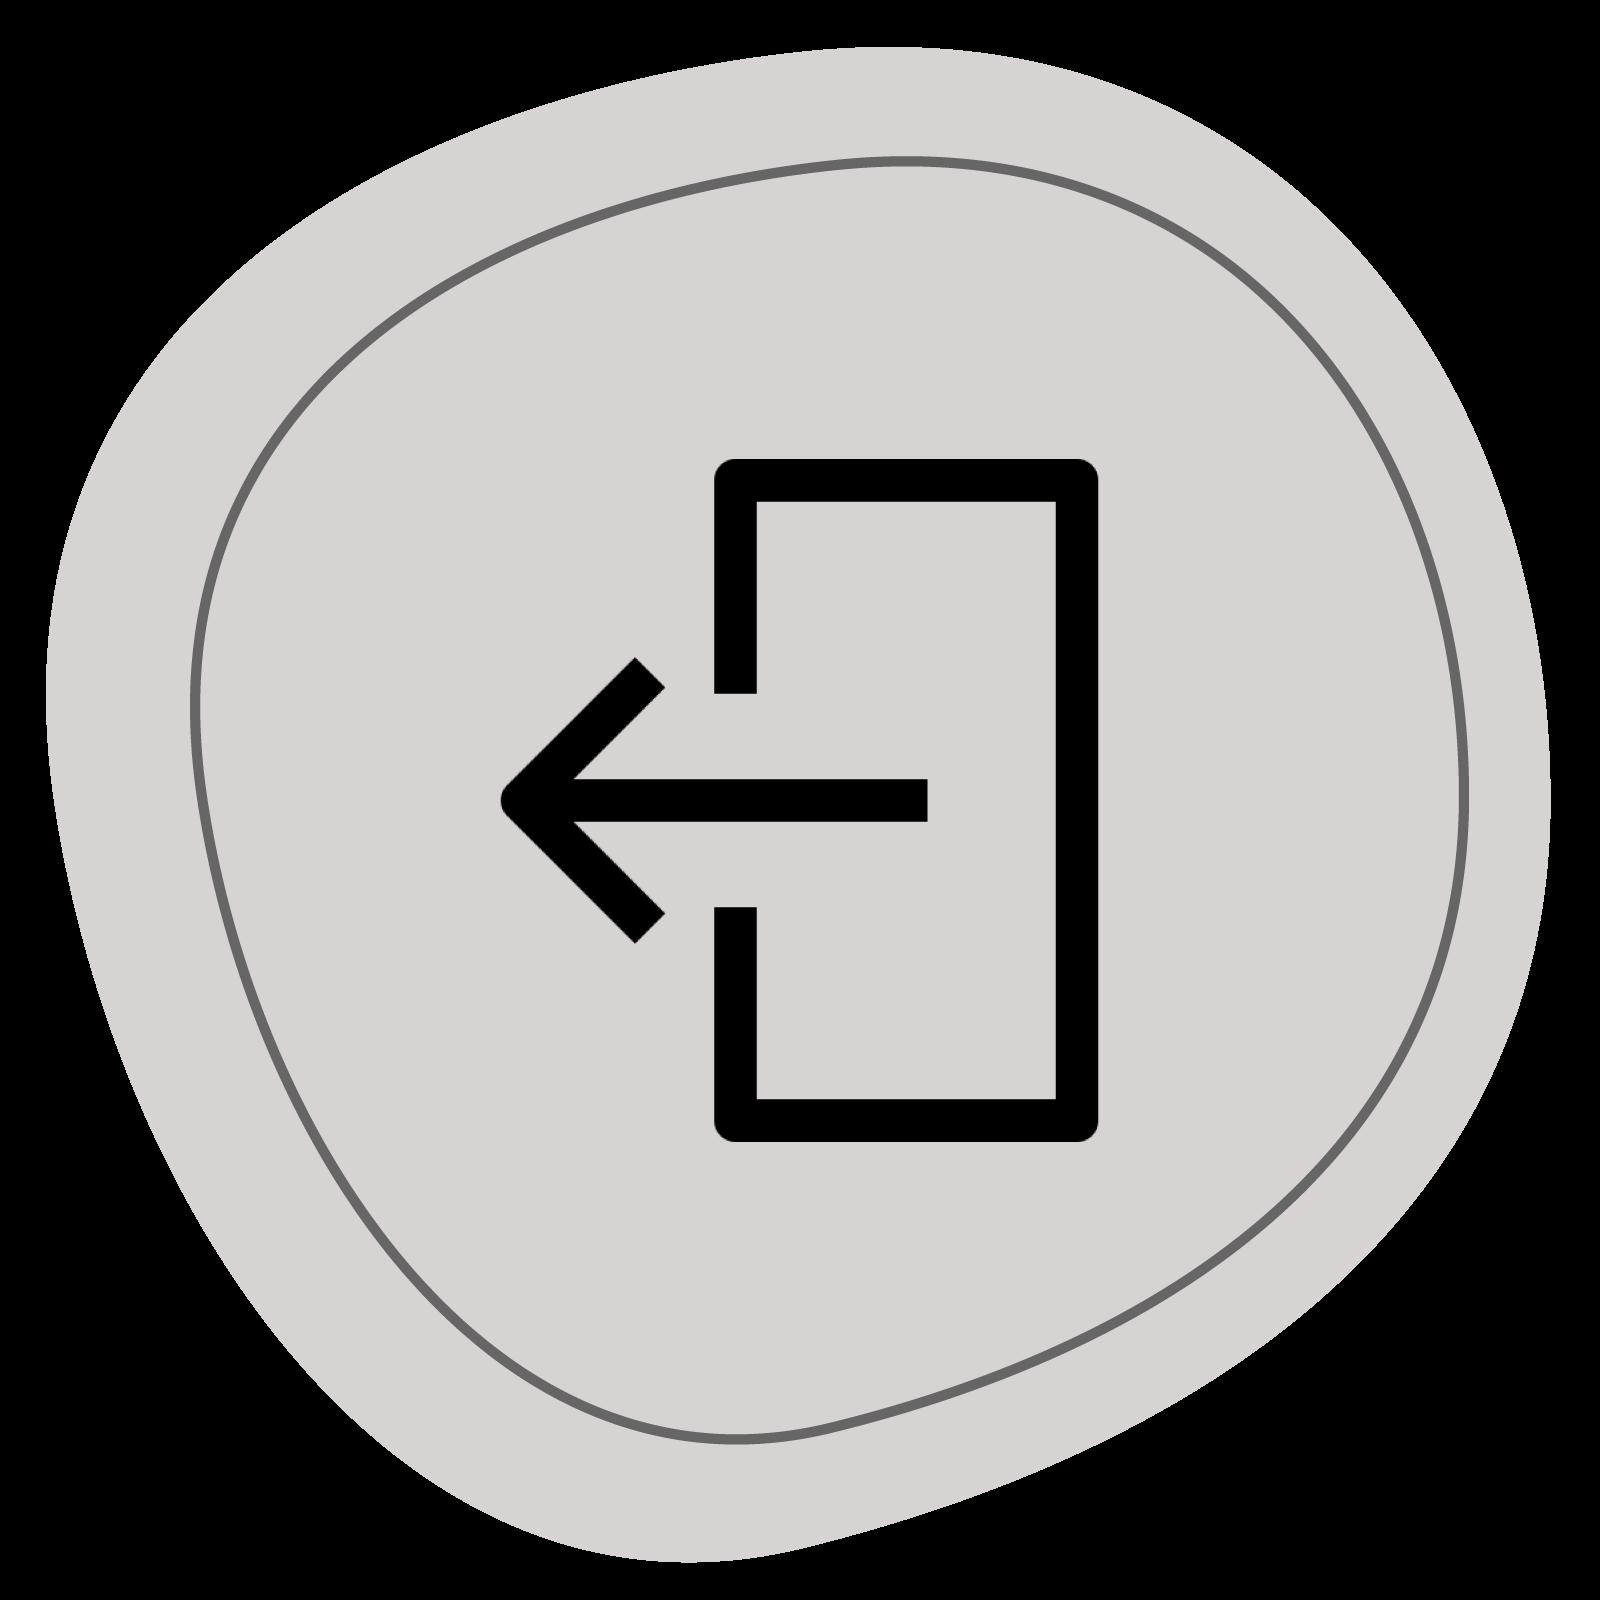 icon-ruckgabe